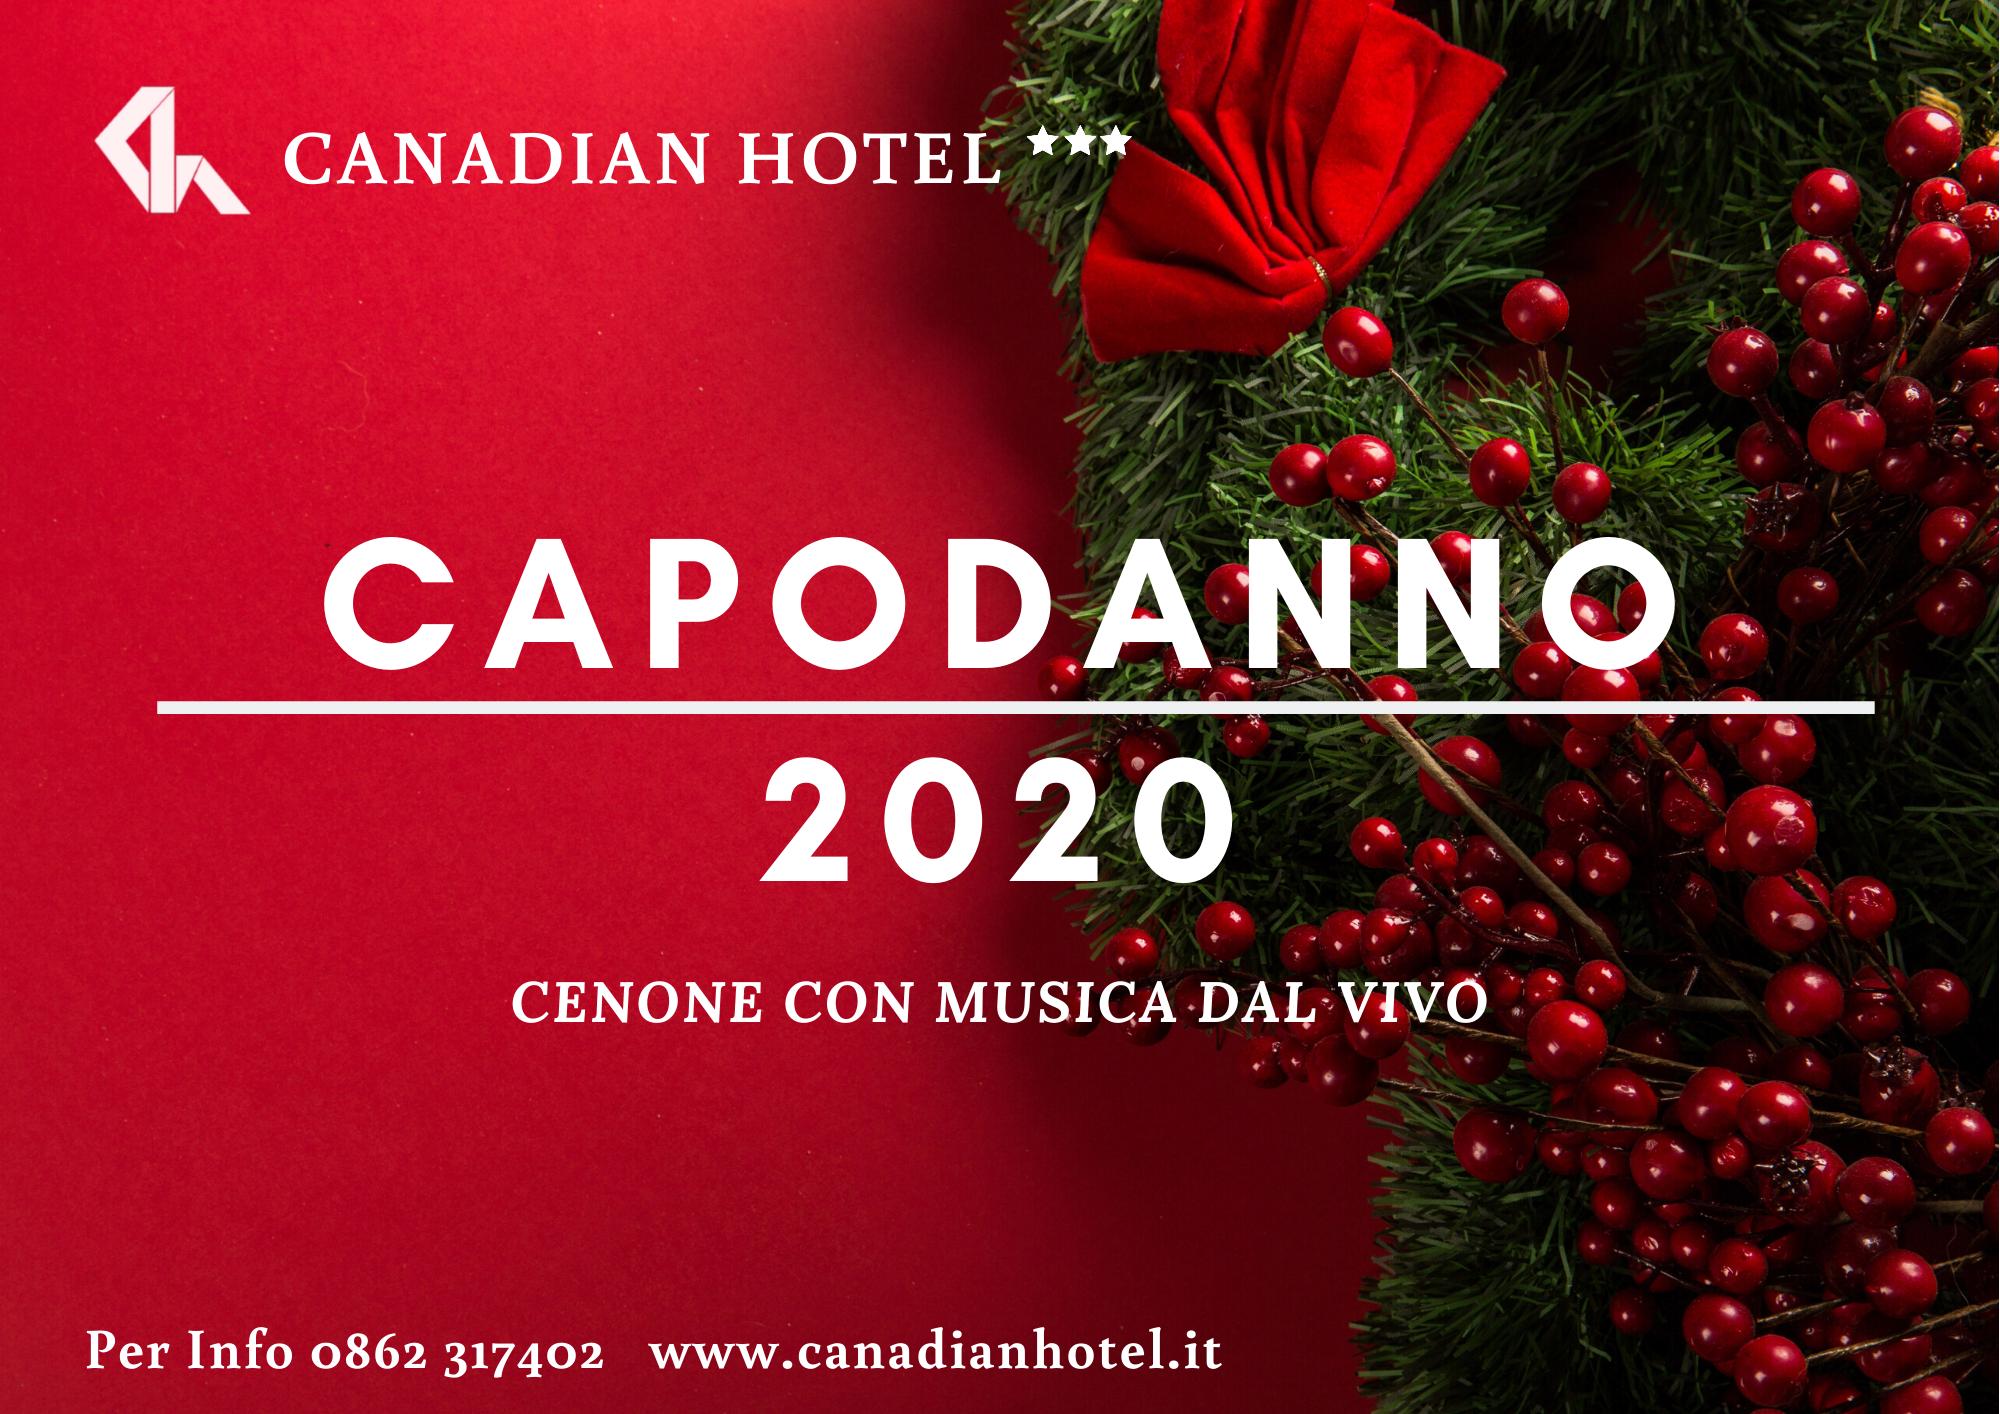 L'Hotel Canadian è lieto di invitarvi al Cenone di Capodanno!!